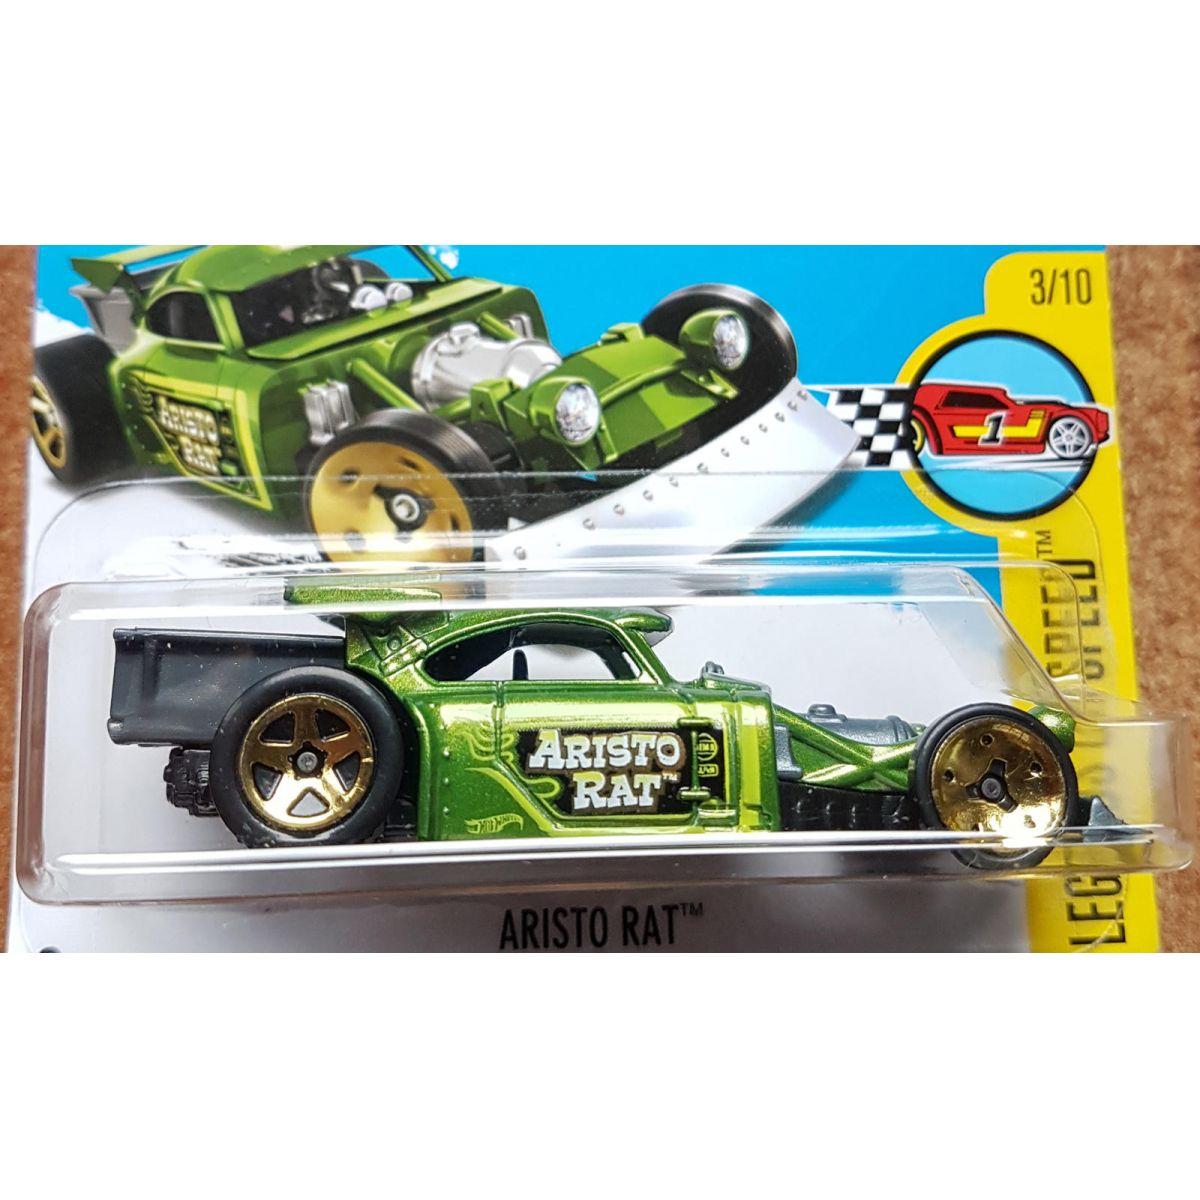 Aristo Rat Verde - Hot Wheels